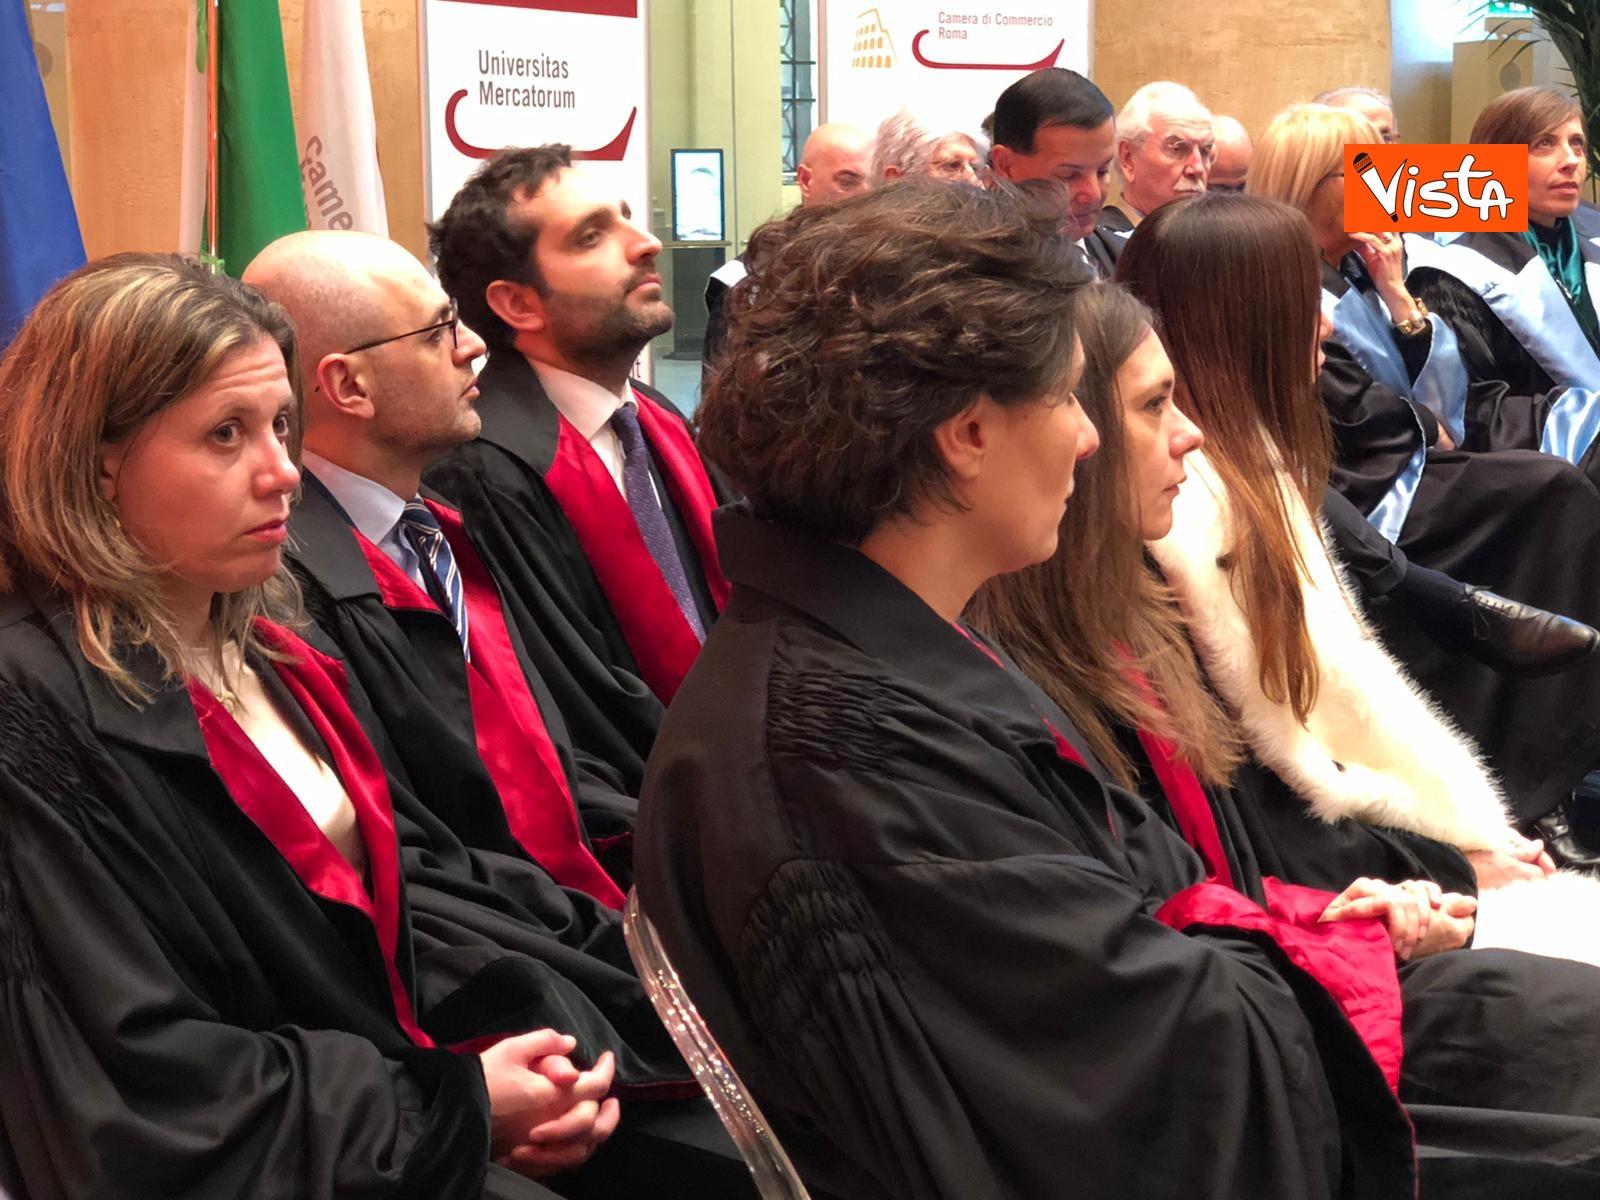 21-01-20 L'Universitas Mercatorum inaugura l'anno accademico 2019 2020, lo speciale